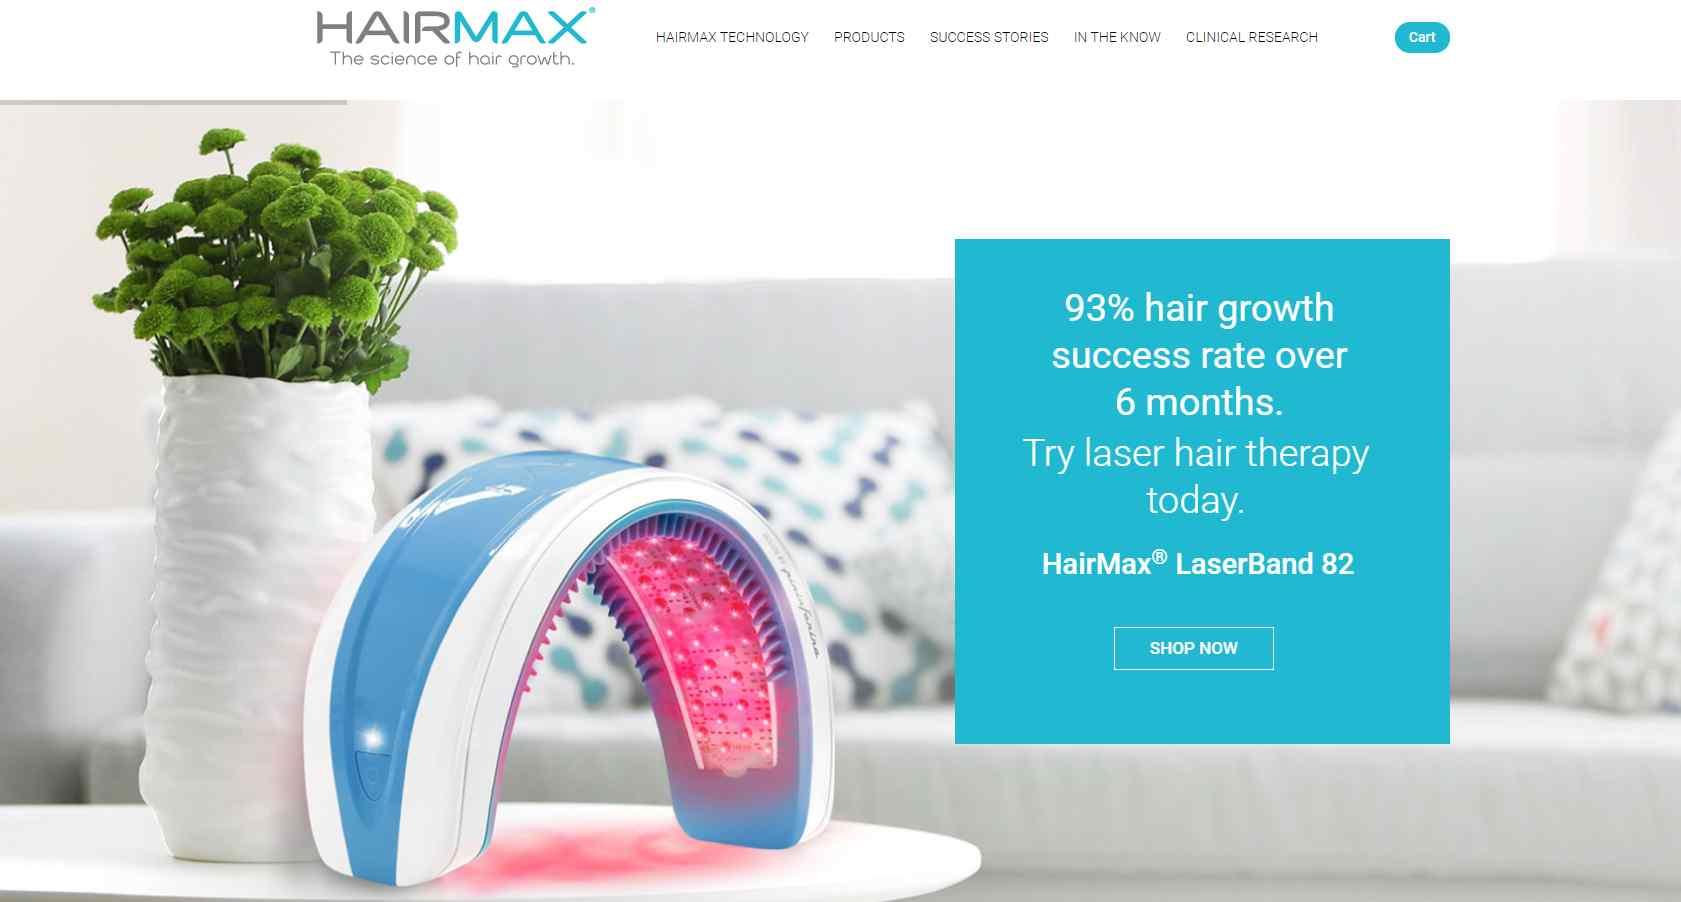 Hair MAx Top Hair Loss Treatment Clinics in Singapore